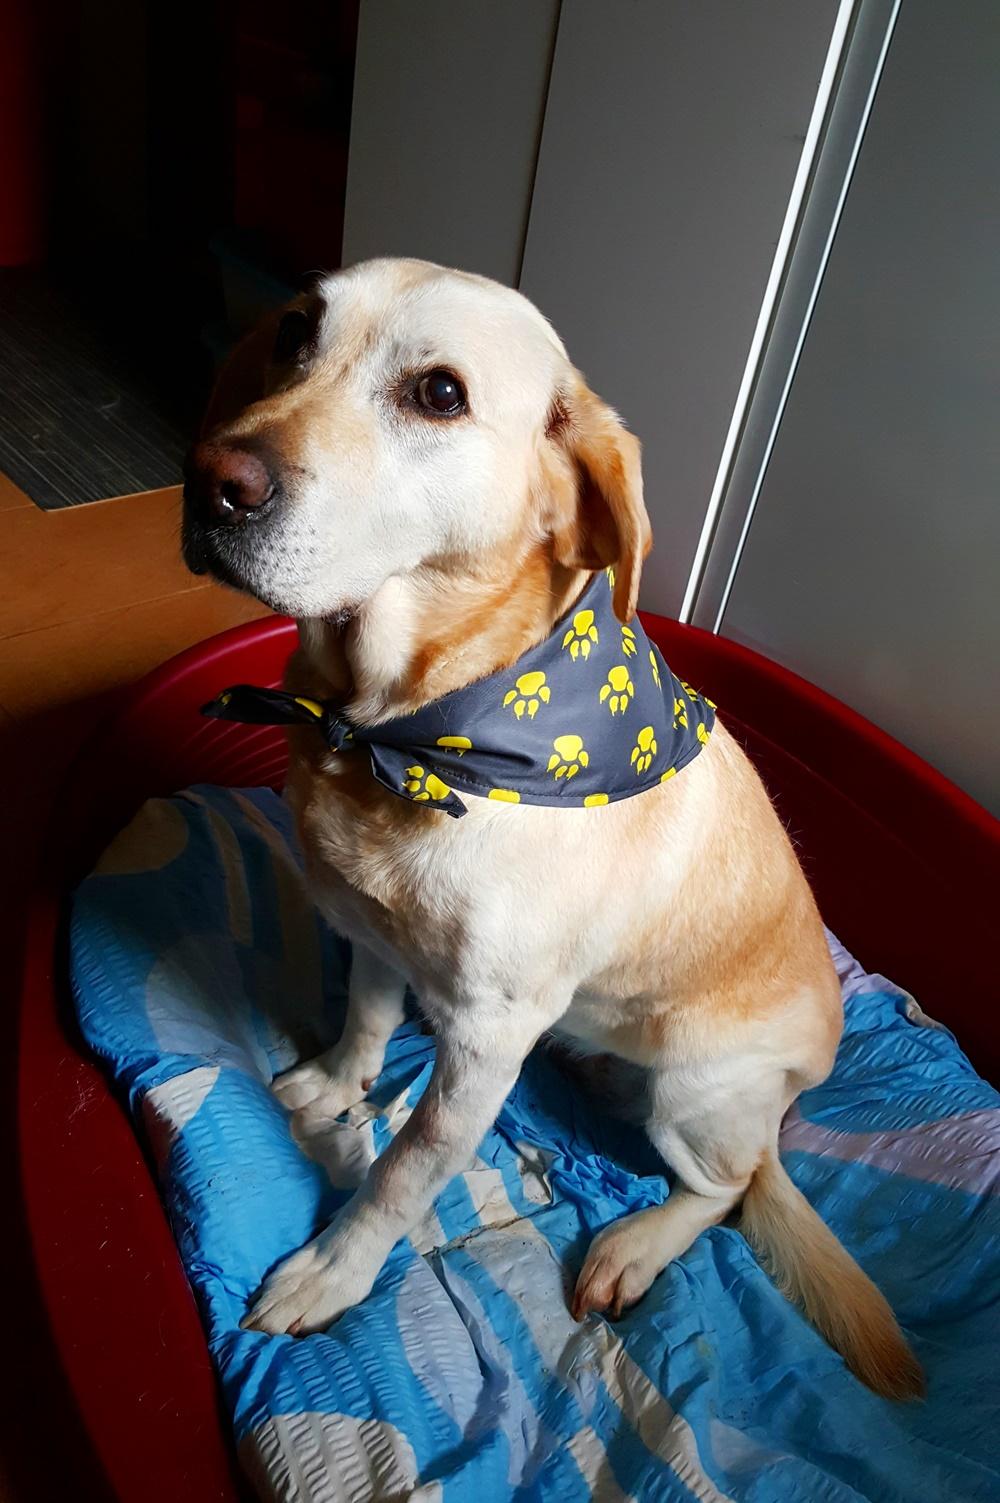 Výroba šátků pro psy s reklamním potiskem loga. Psí reklamní šátky ... 8645bd140c